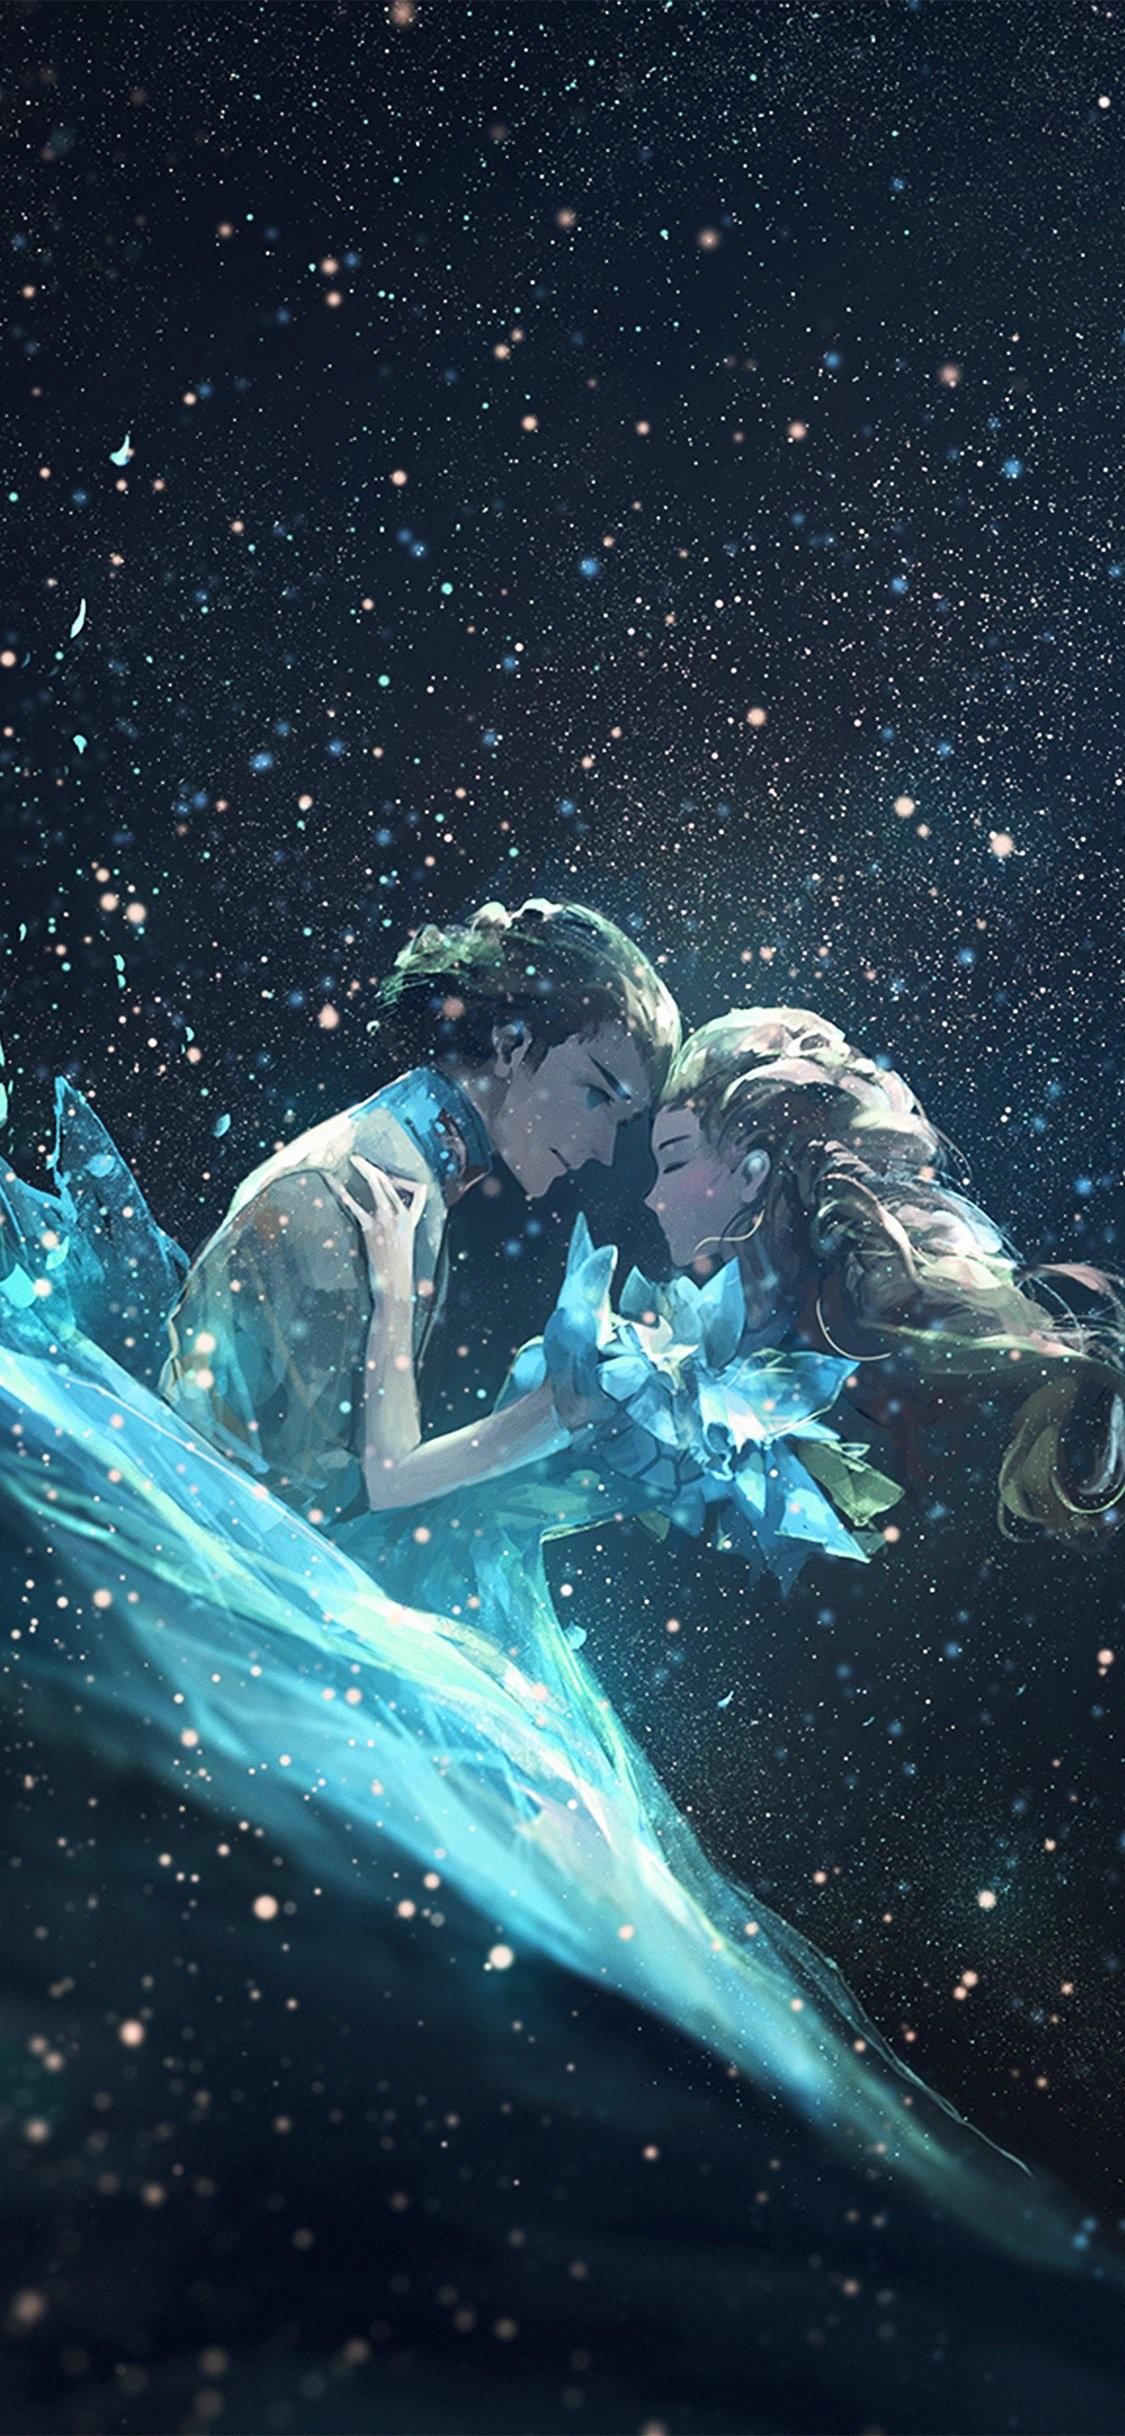 Av44 Anime Kiss Love Green Girl Boy Illustration Art - Lovely Wallpaper Iphone X , HD Wallpaper & Backgrounds